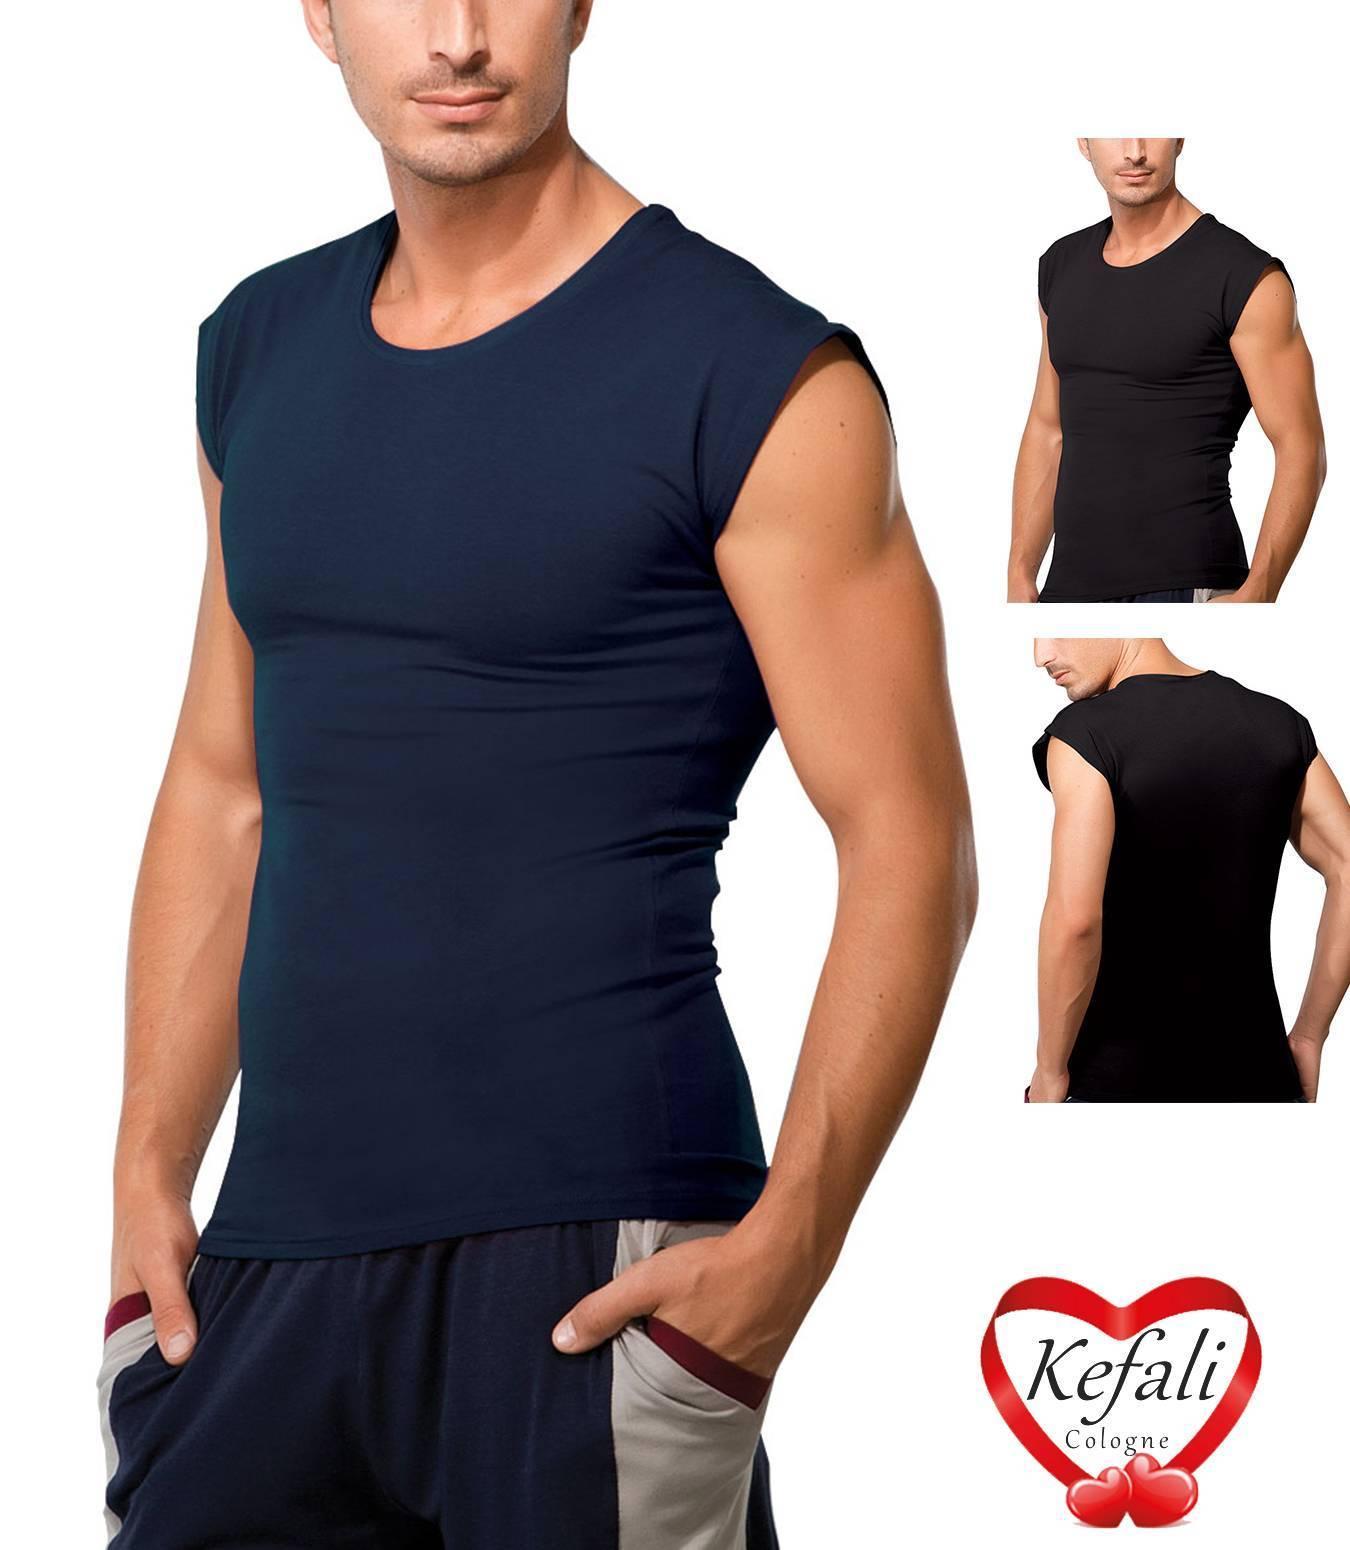 85a30097b18ca5 Doreanse Herren Achselshirt Muskelshirt Shirt ärmellos Tanktop Modal ...